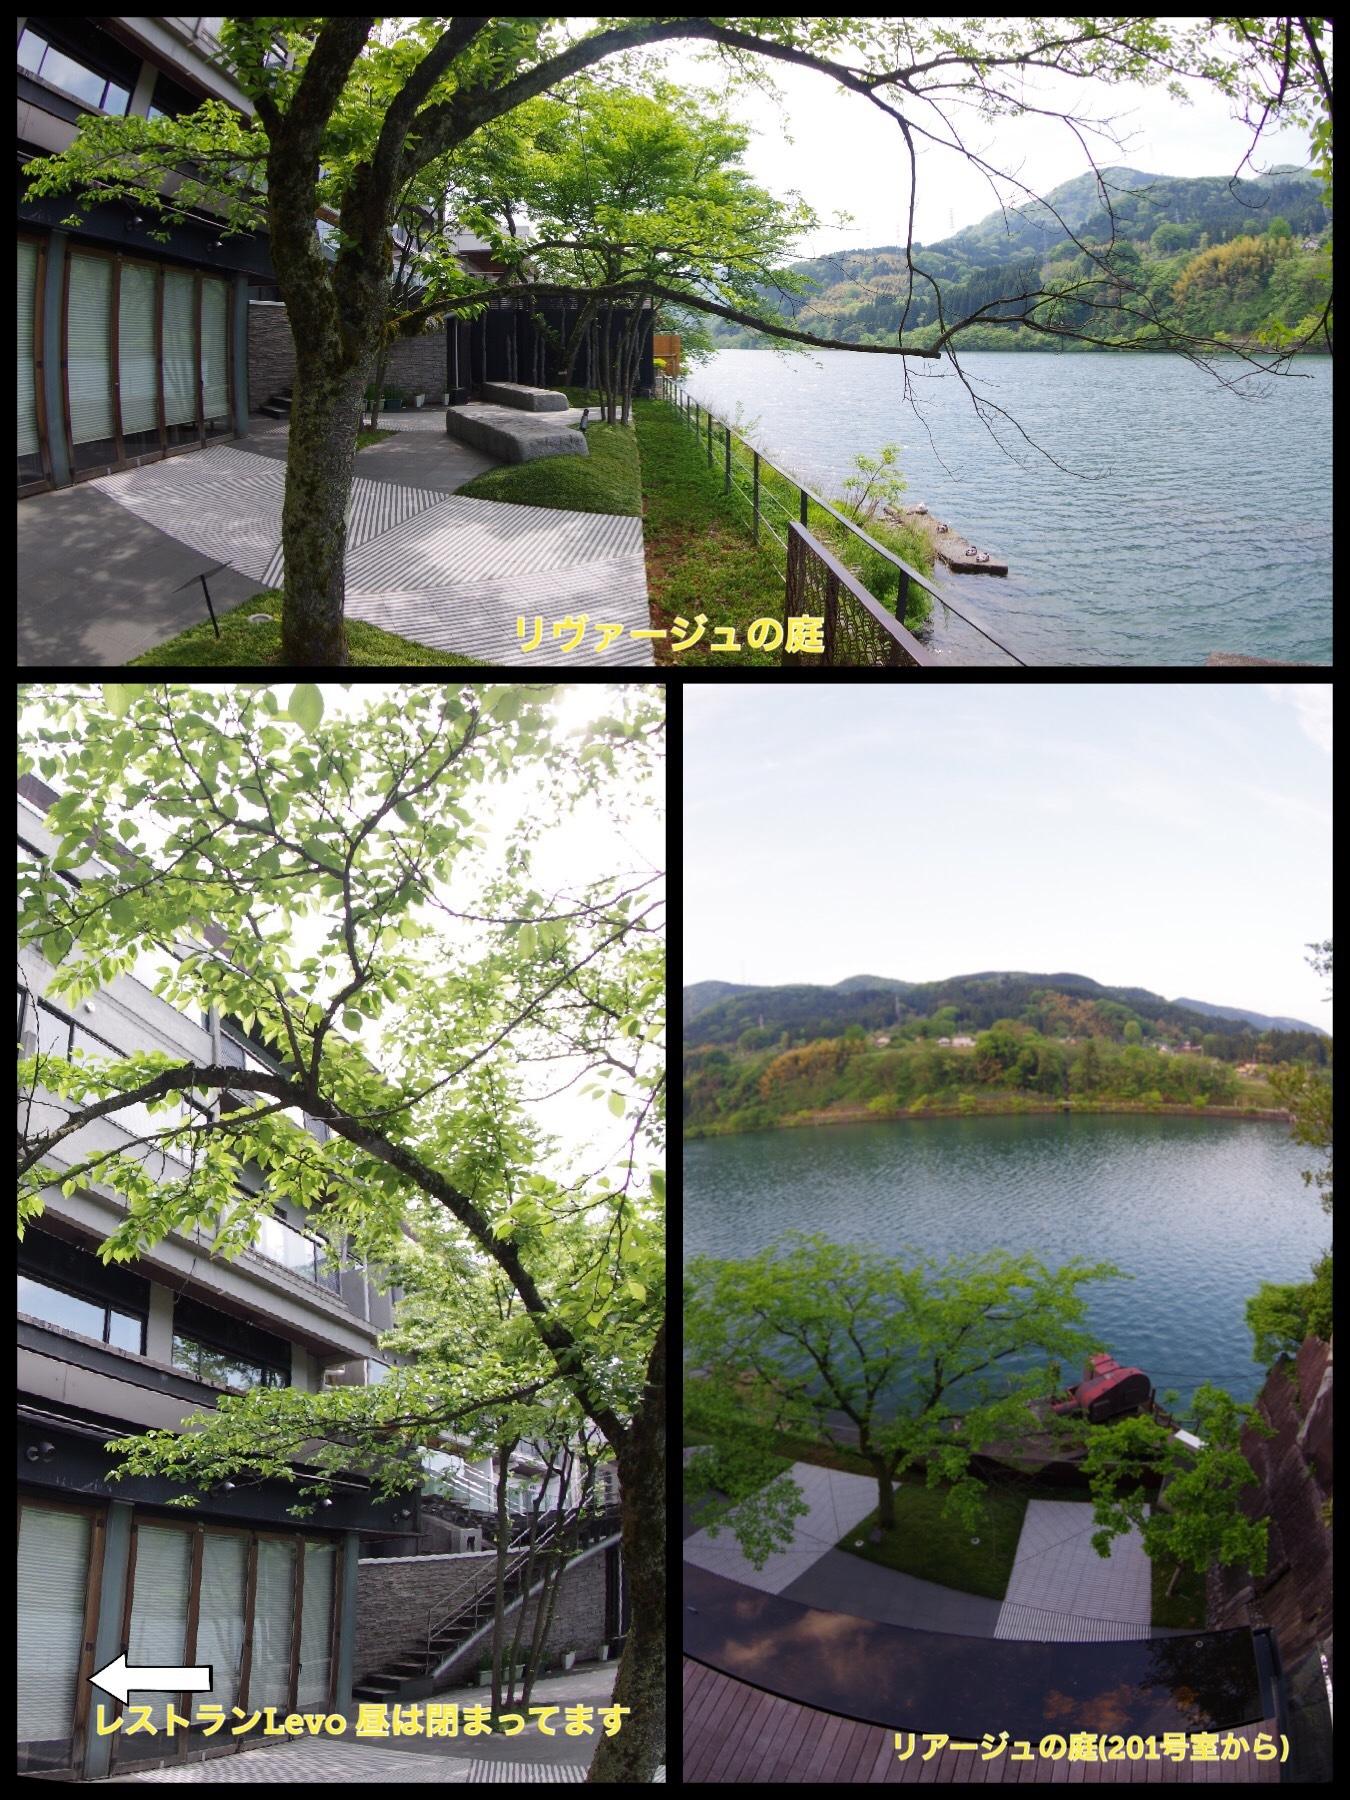 富山 リバーリトリート雅楽倶 リヴァージュの庭